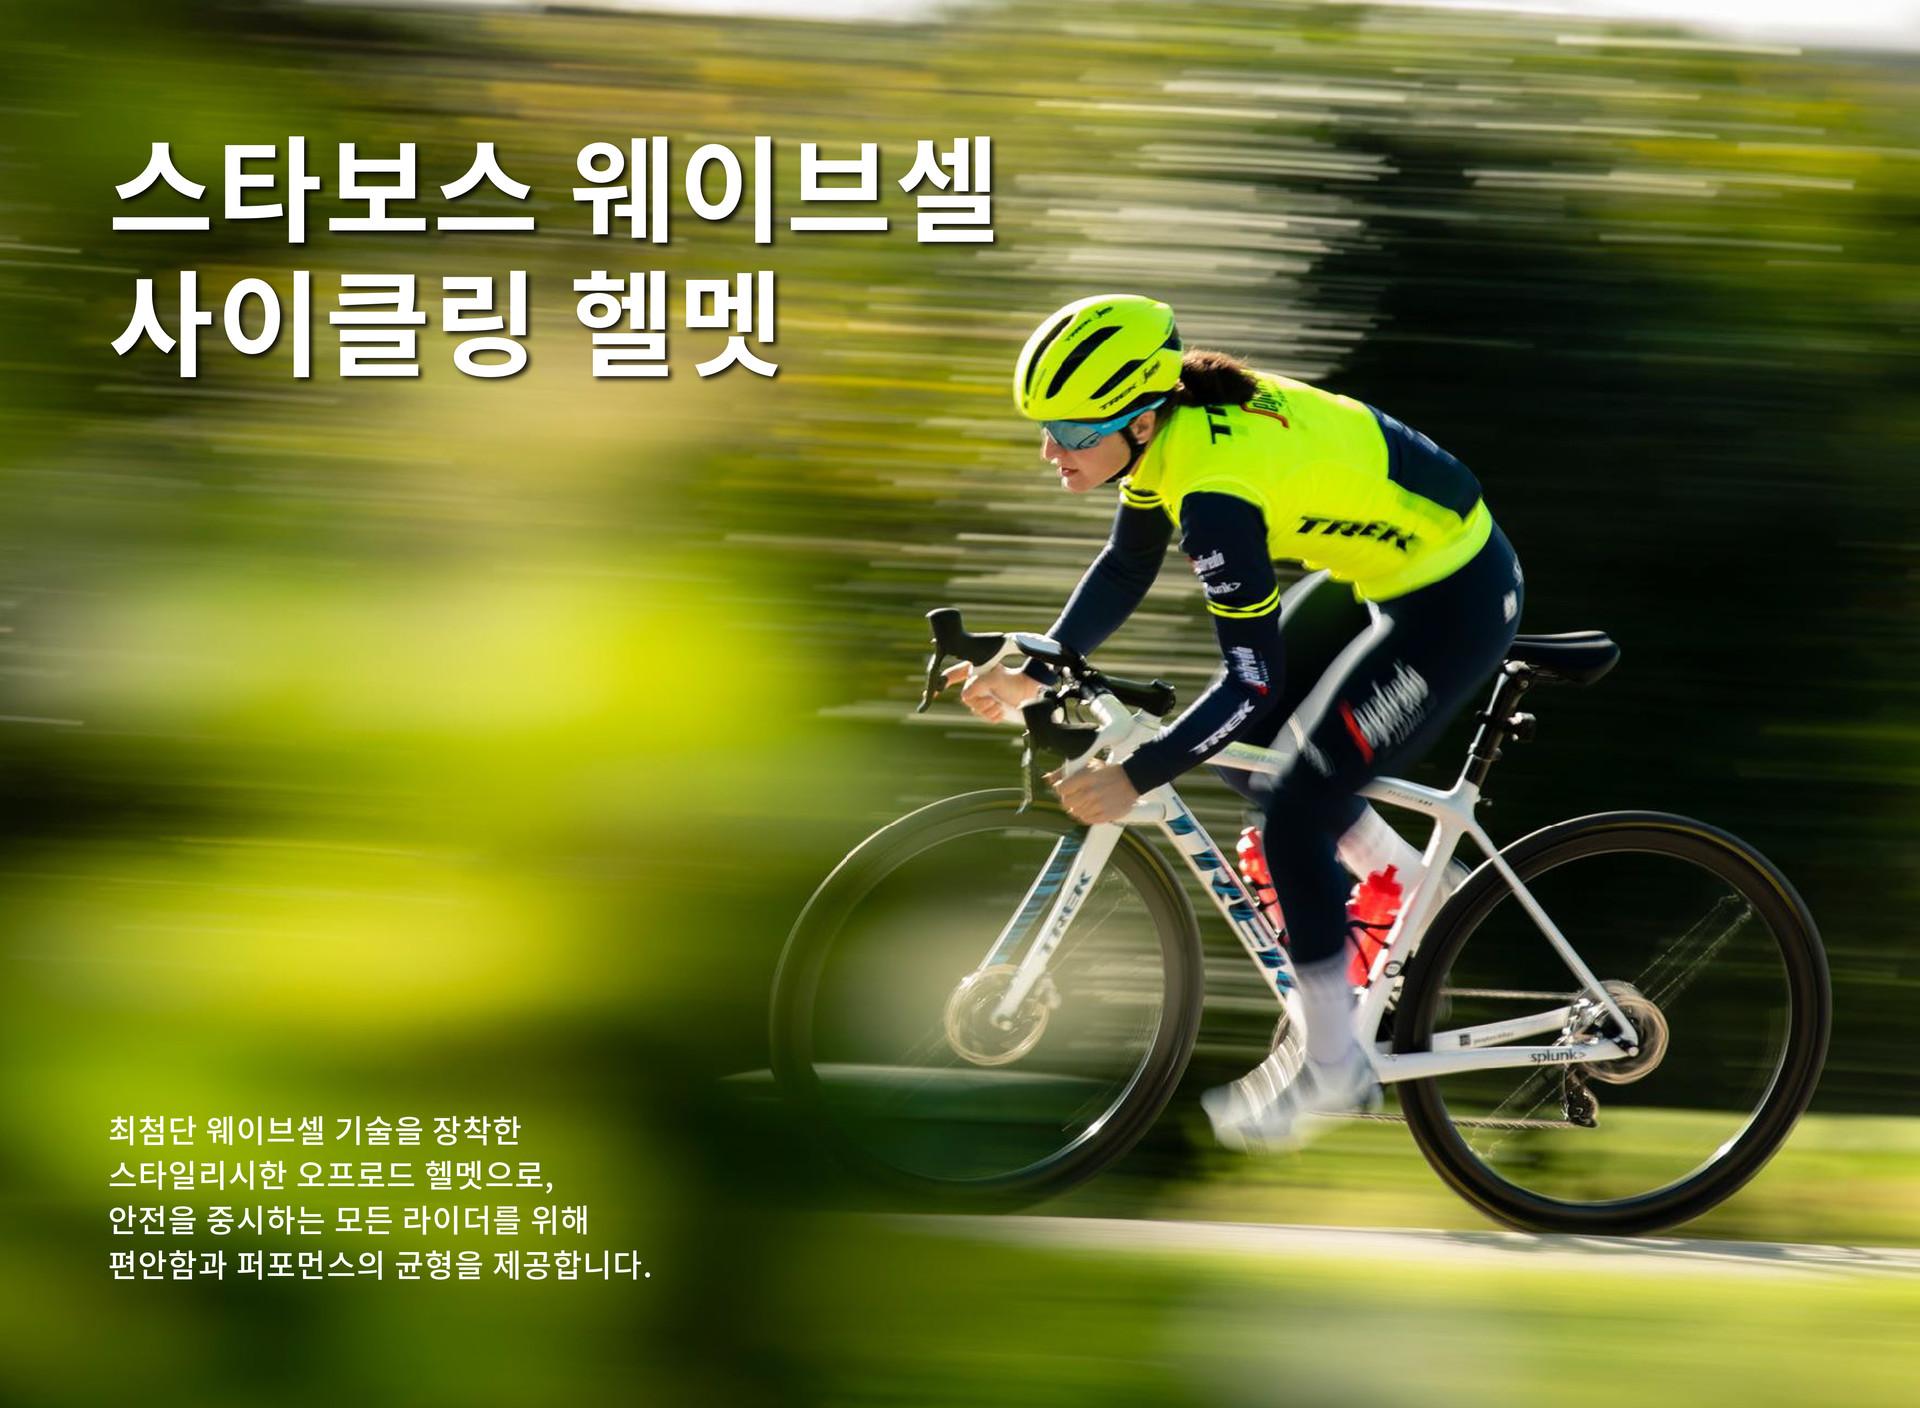 TREK 제공 이미지